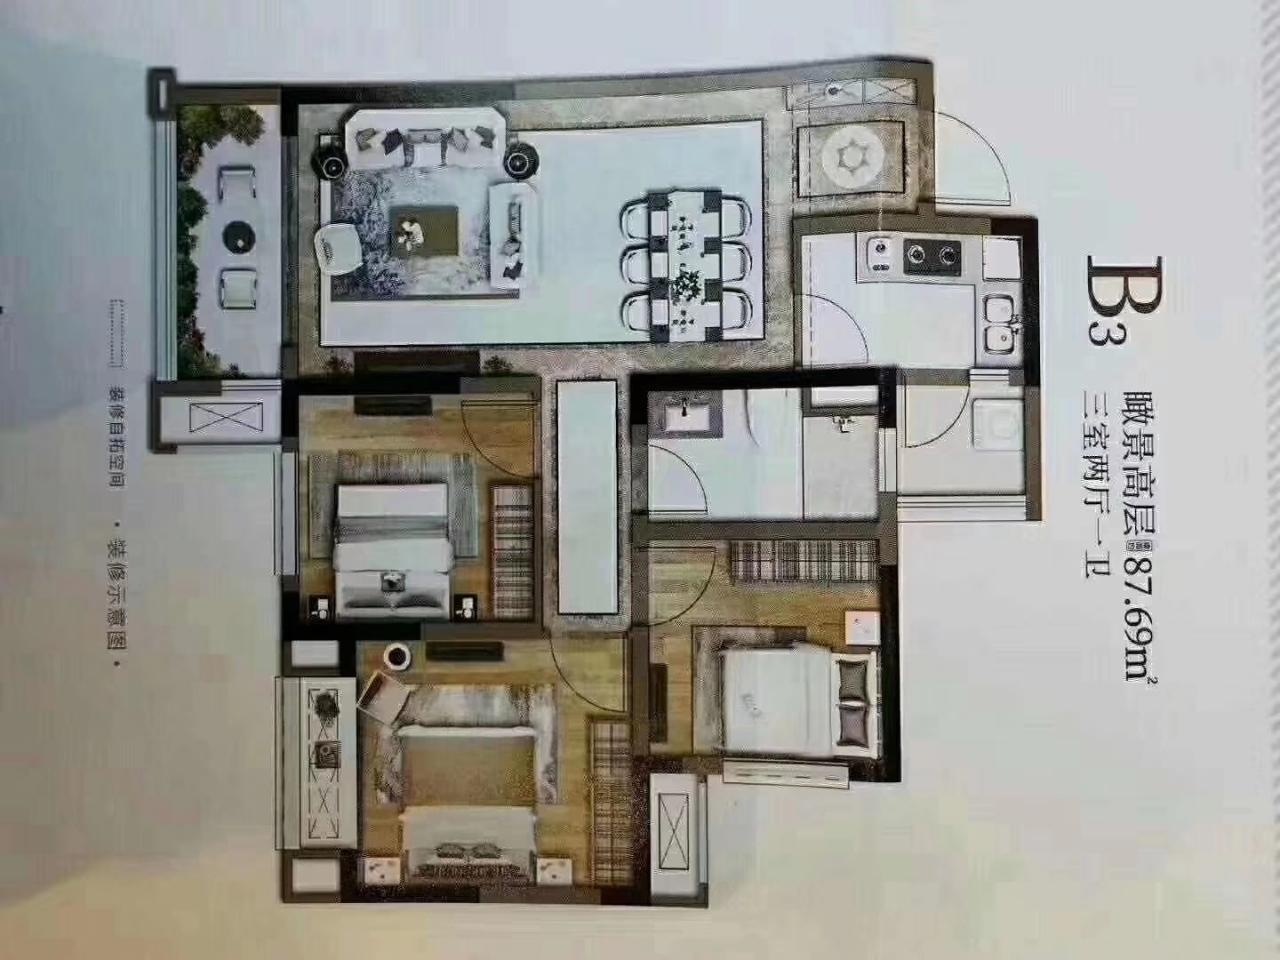 公园里的房子3室 2厅 1卫65万元